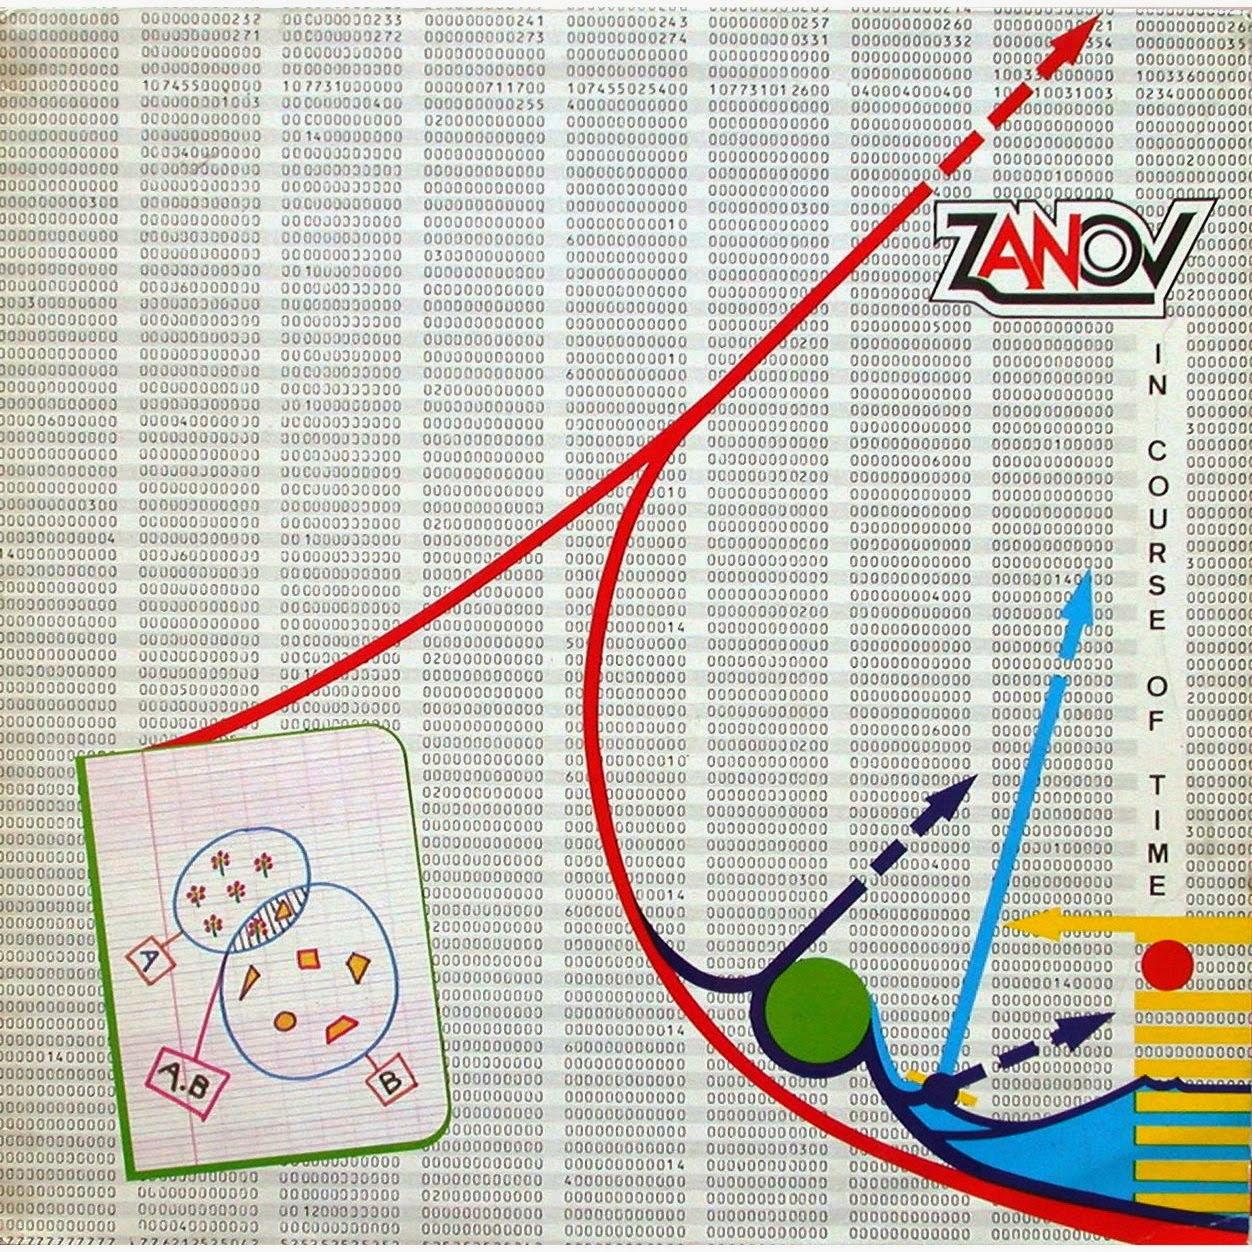 Pierre Salkazanov diseñaría la portada de su tercer álbum, In Course Of Time, grabado en 1978, pero publicado en Canadá en 1982 por el sello Les Disques Solaris y en Francia en 1983 por el sello Ondes